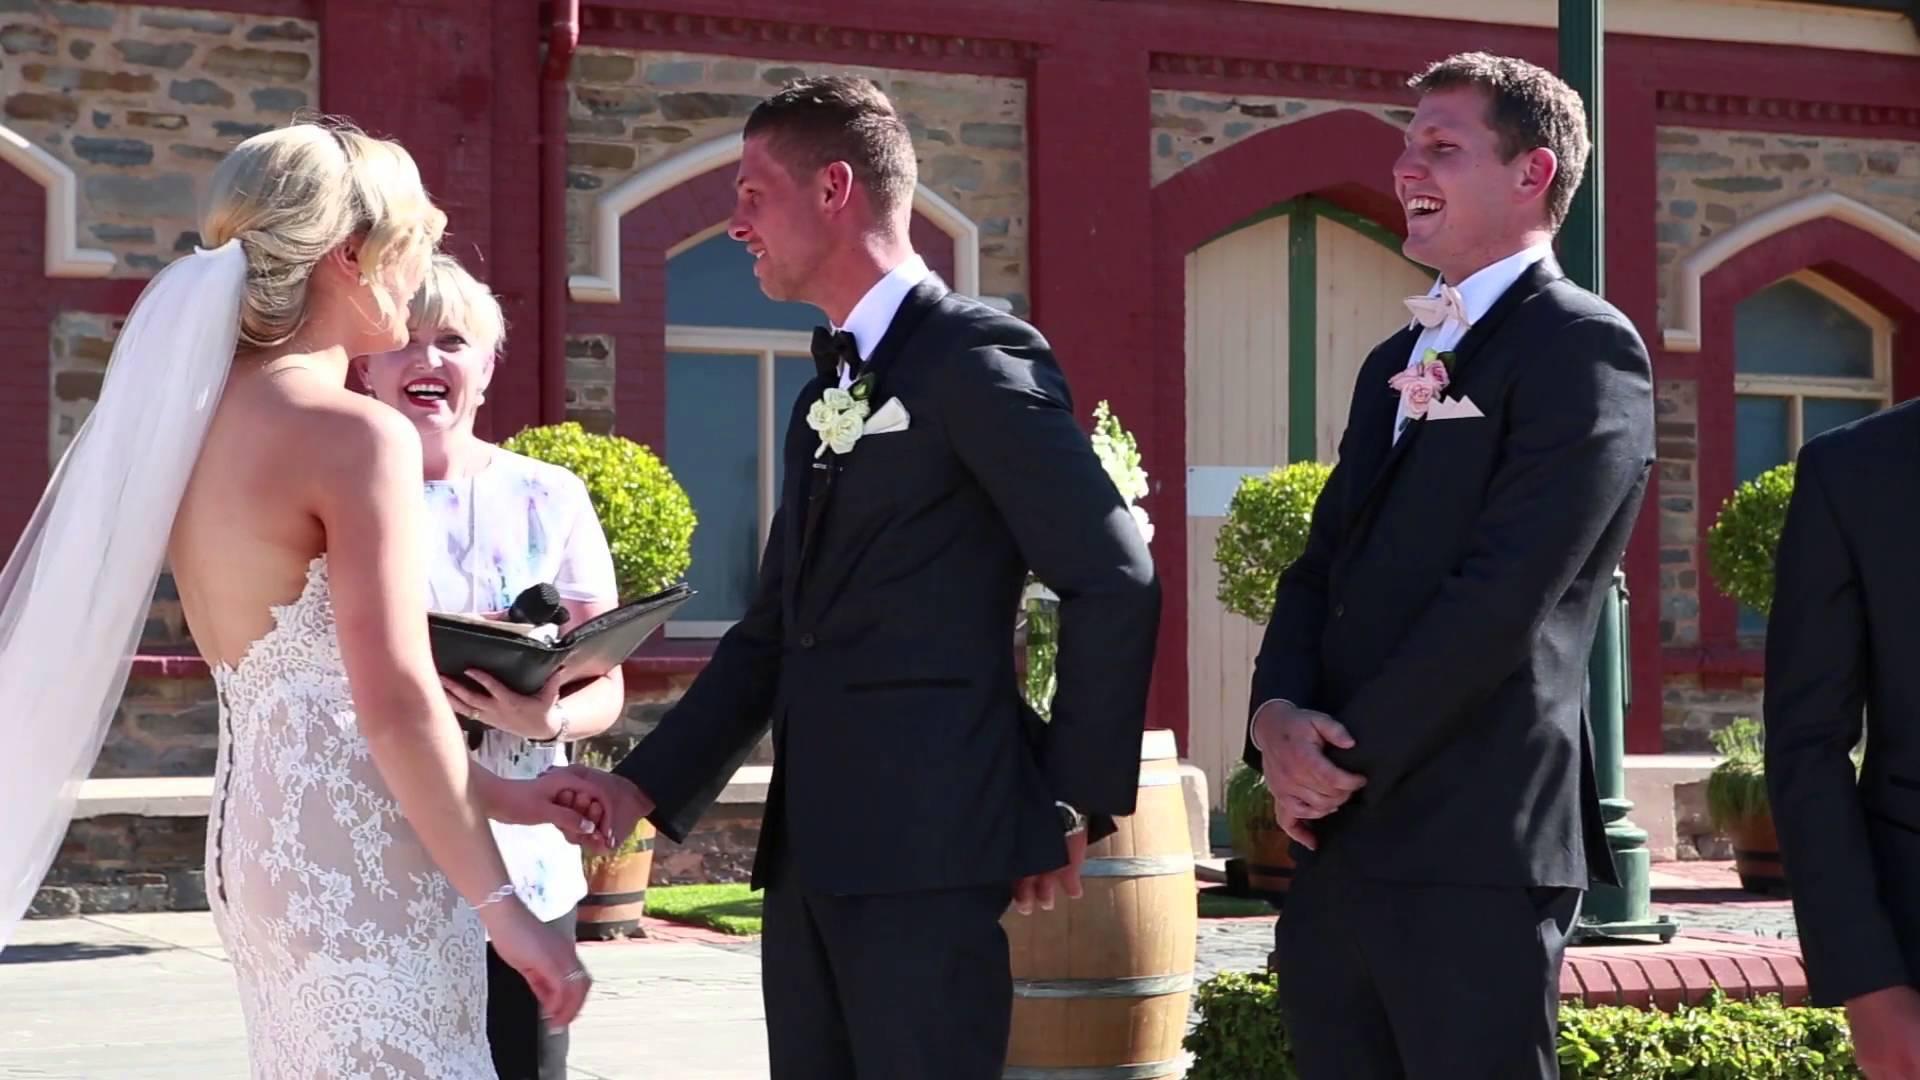 طفل يقطع مراسم زفاف بطريقة مضحكة